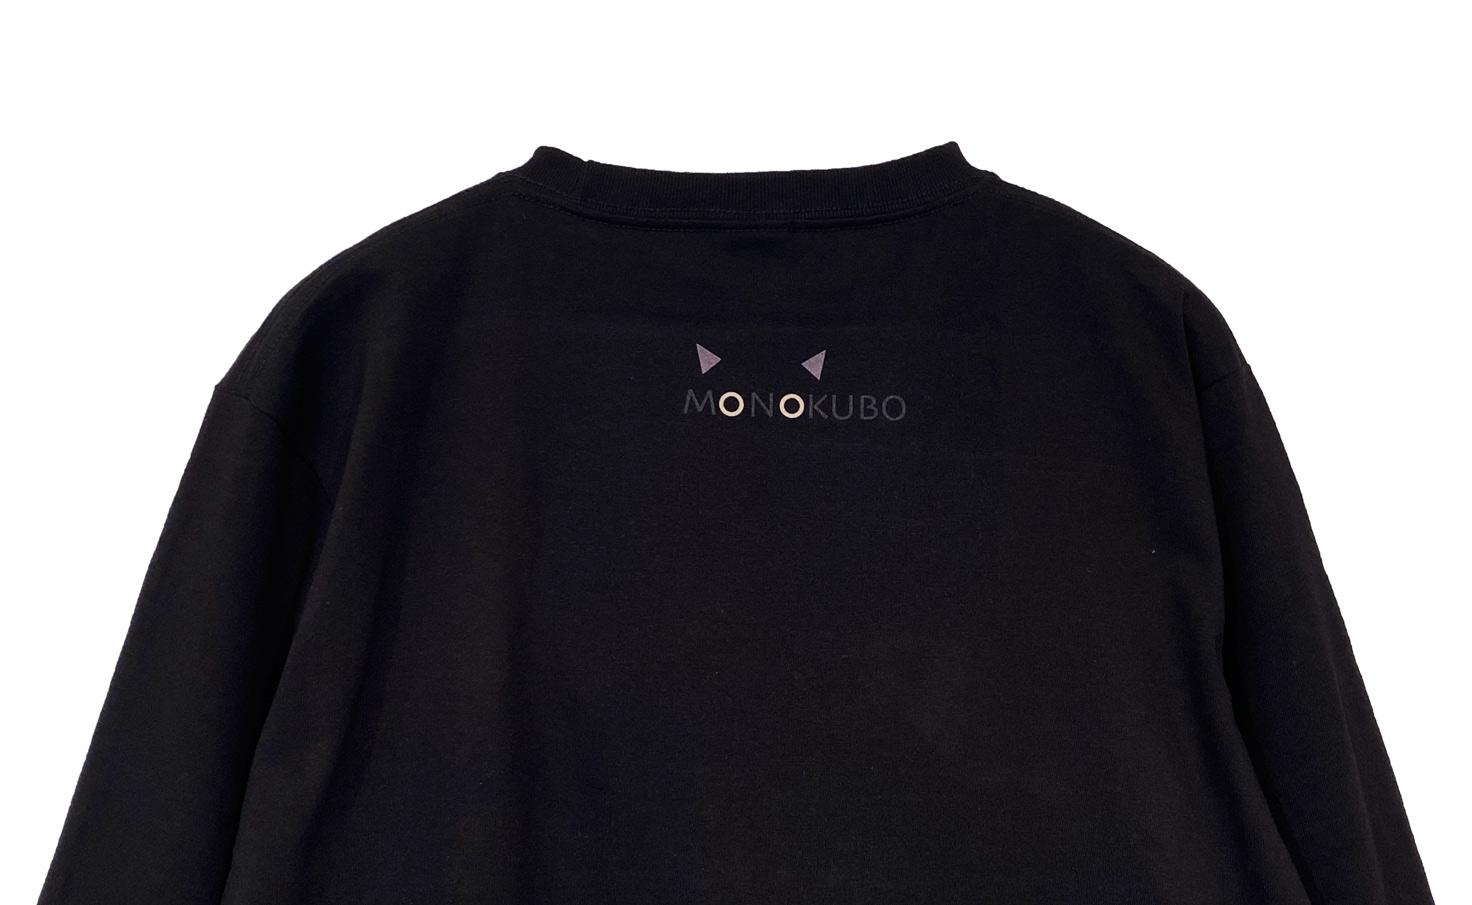 ロングスリーブ クロネコ Tシャツ(Black)